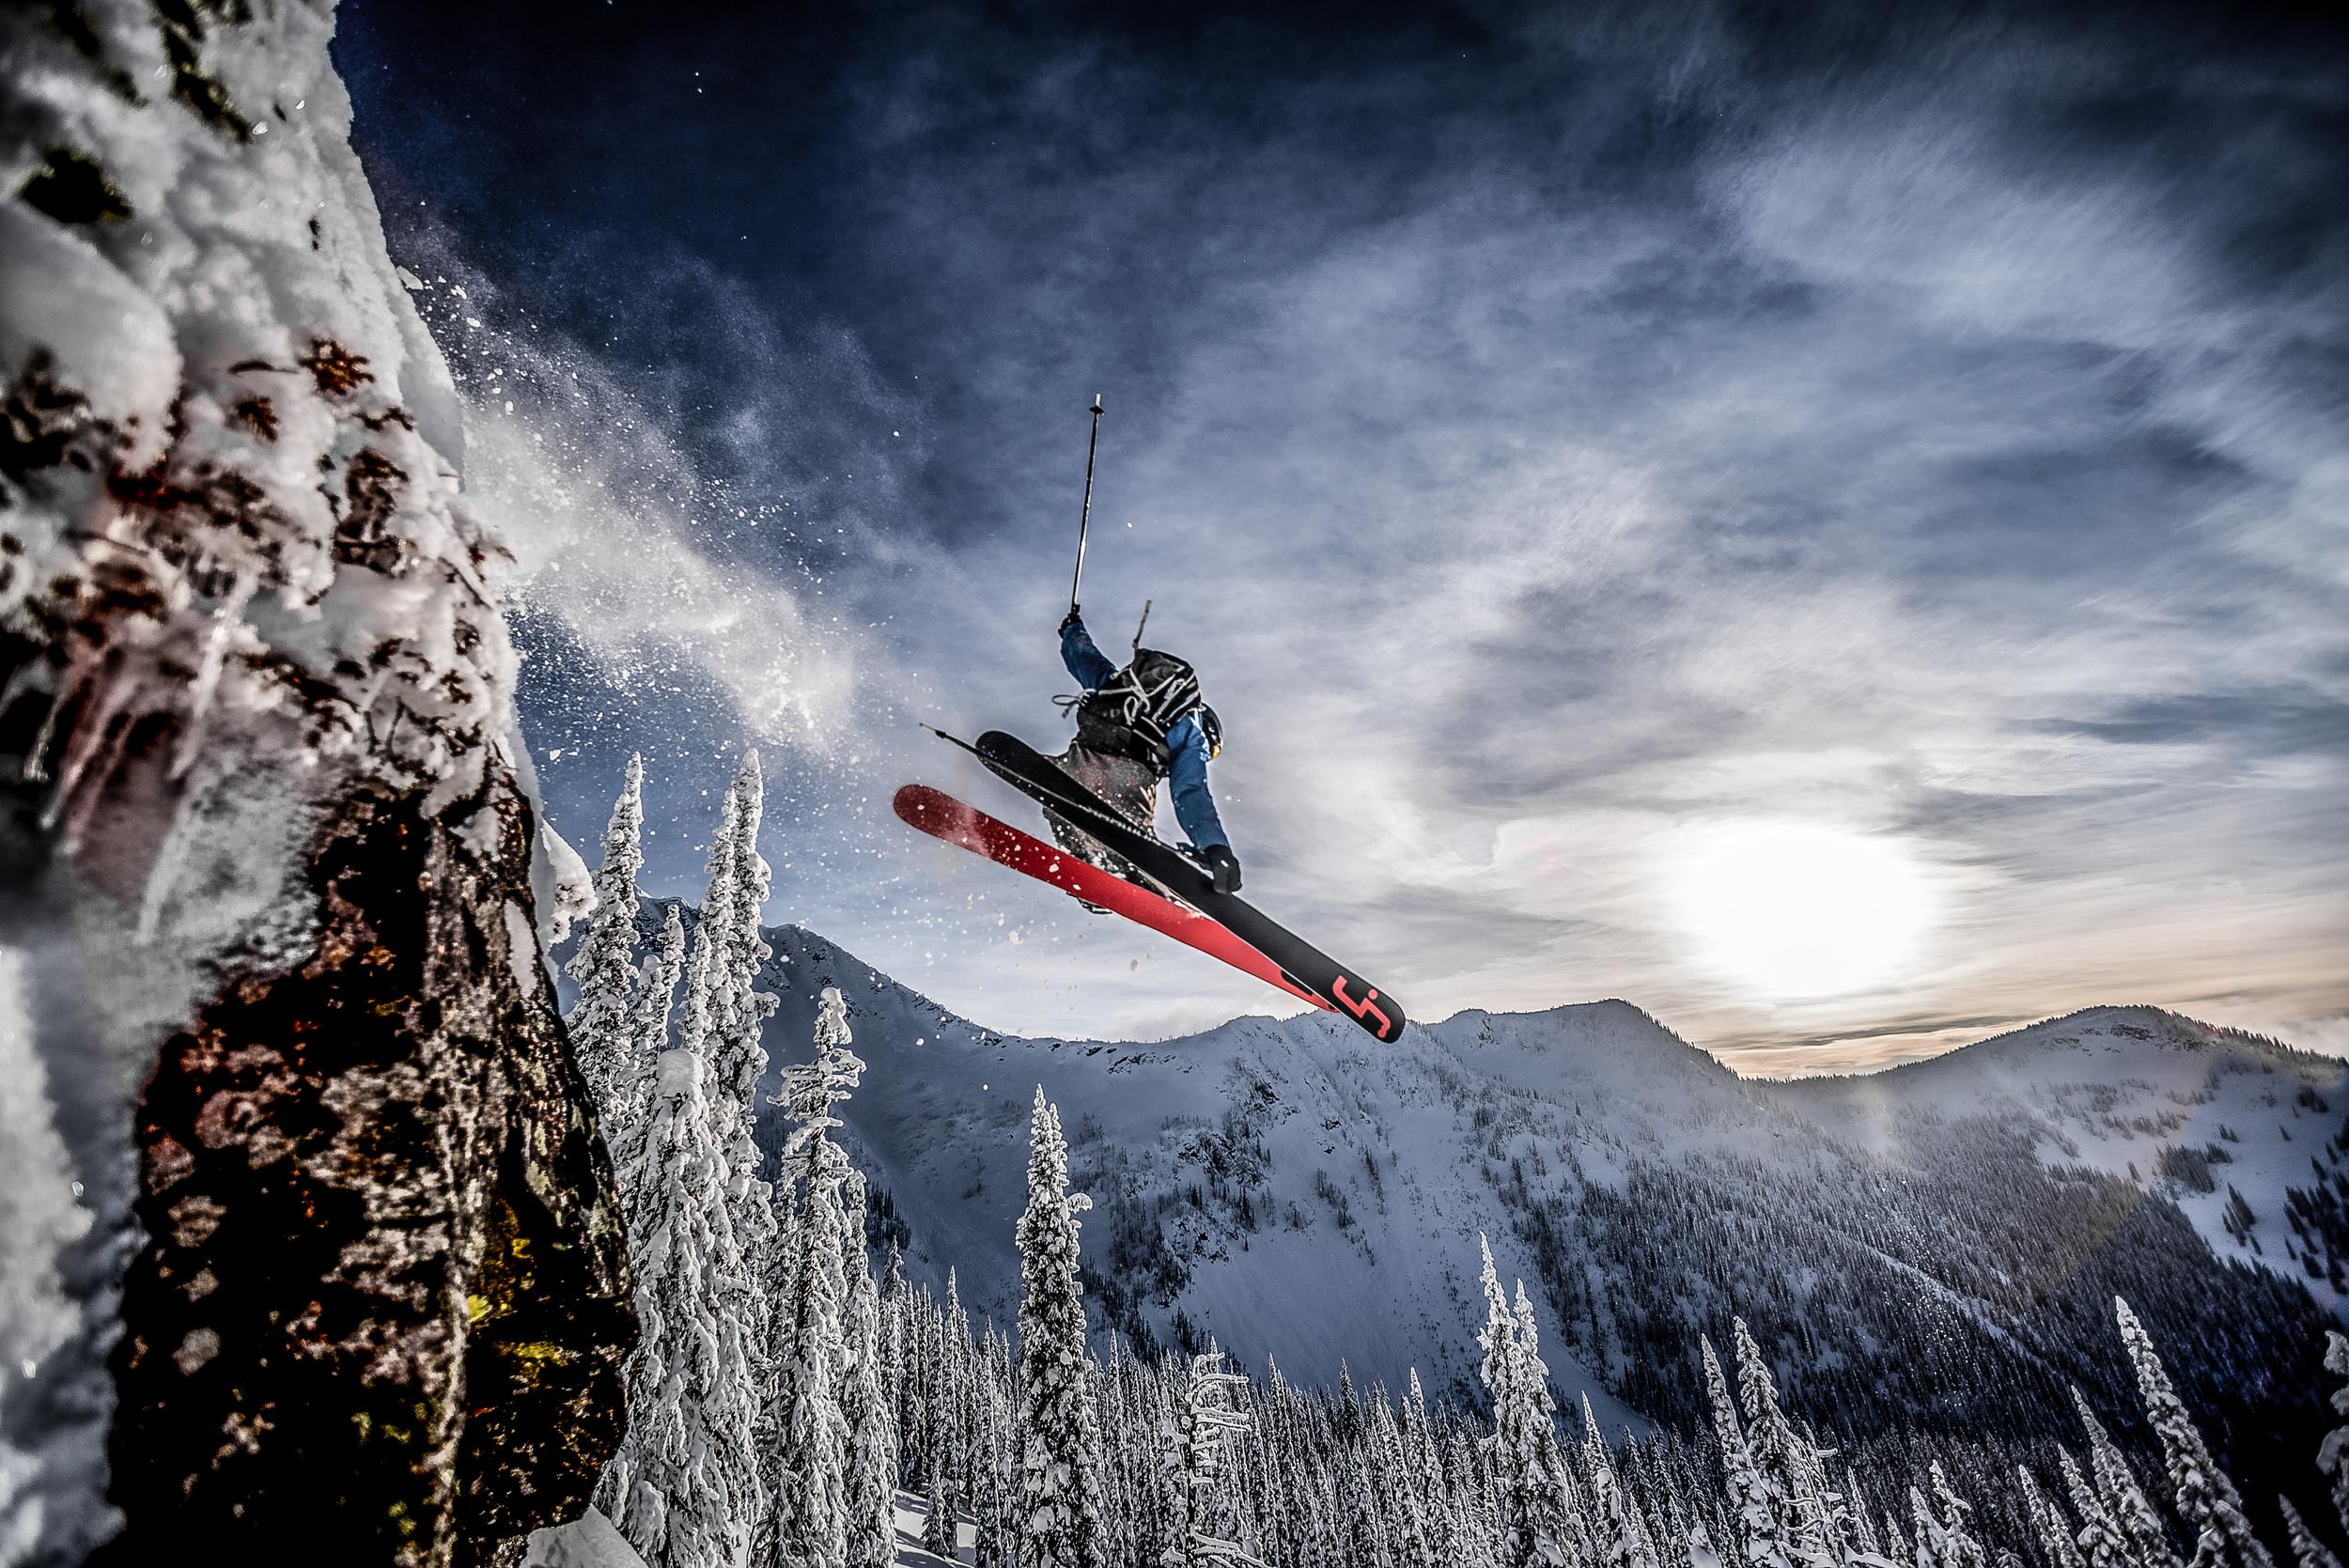 skier jumping-10.jpg